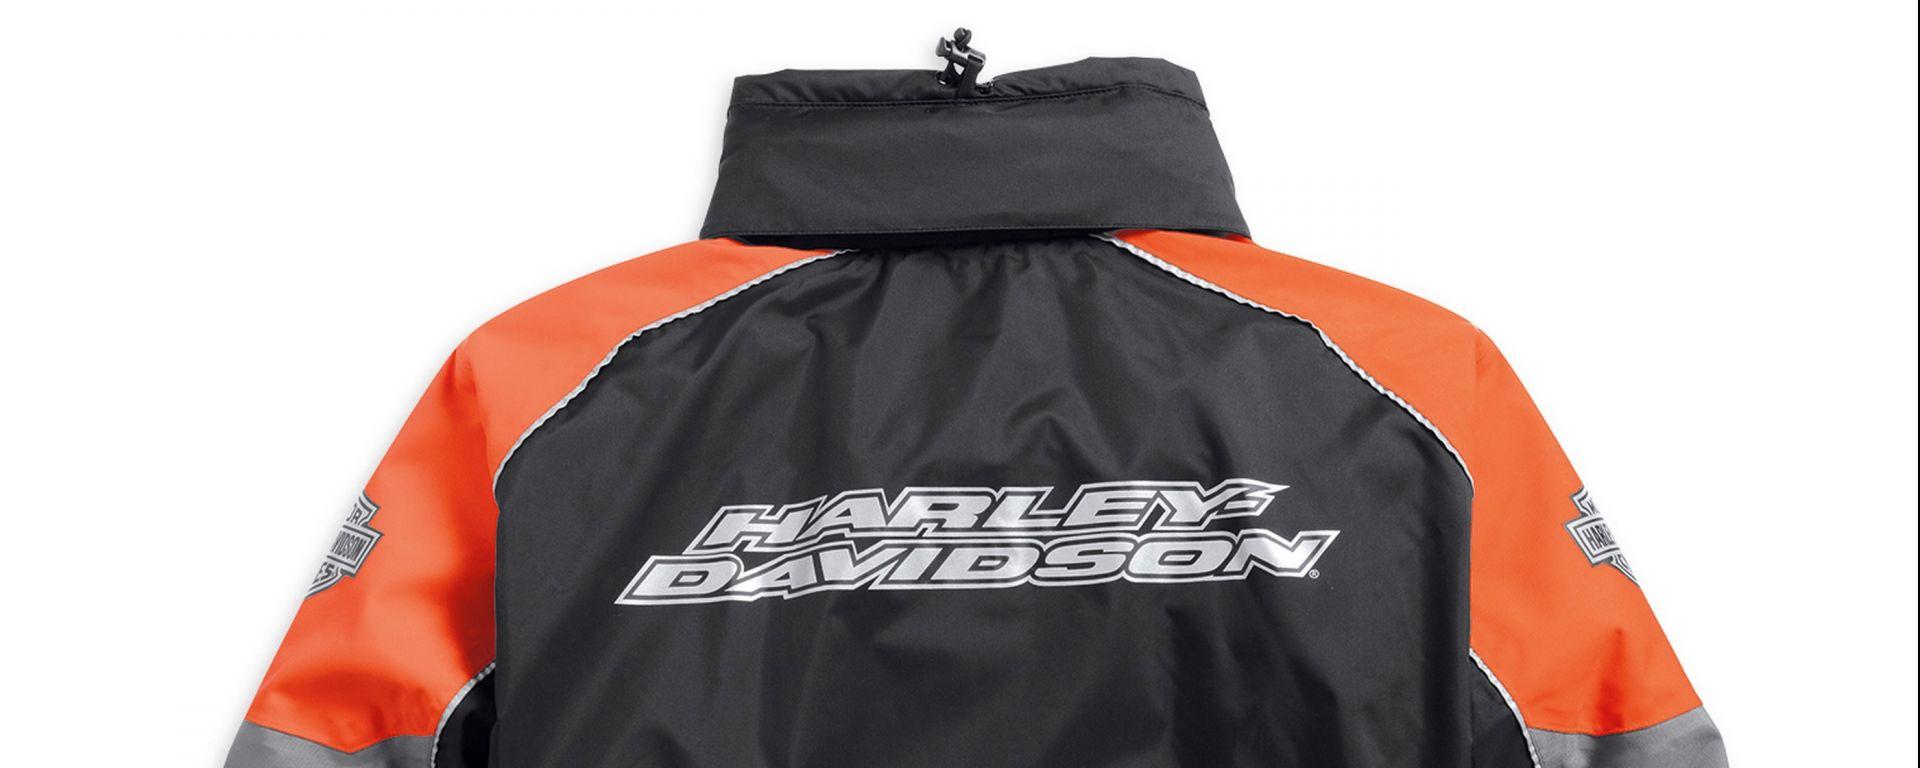 Core moto Abbigliamento Harley MotorBox Davidson collezione IcHIn8wCq